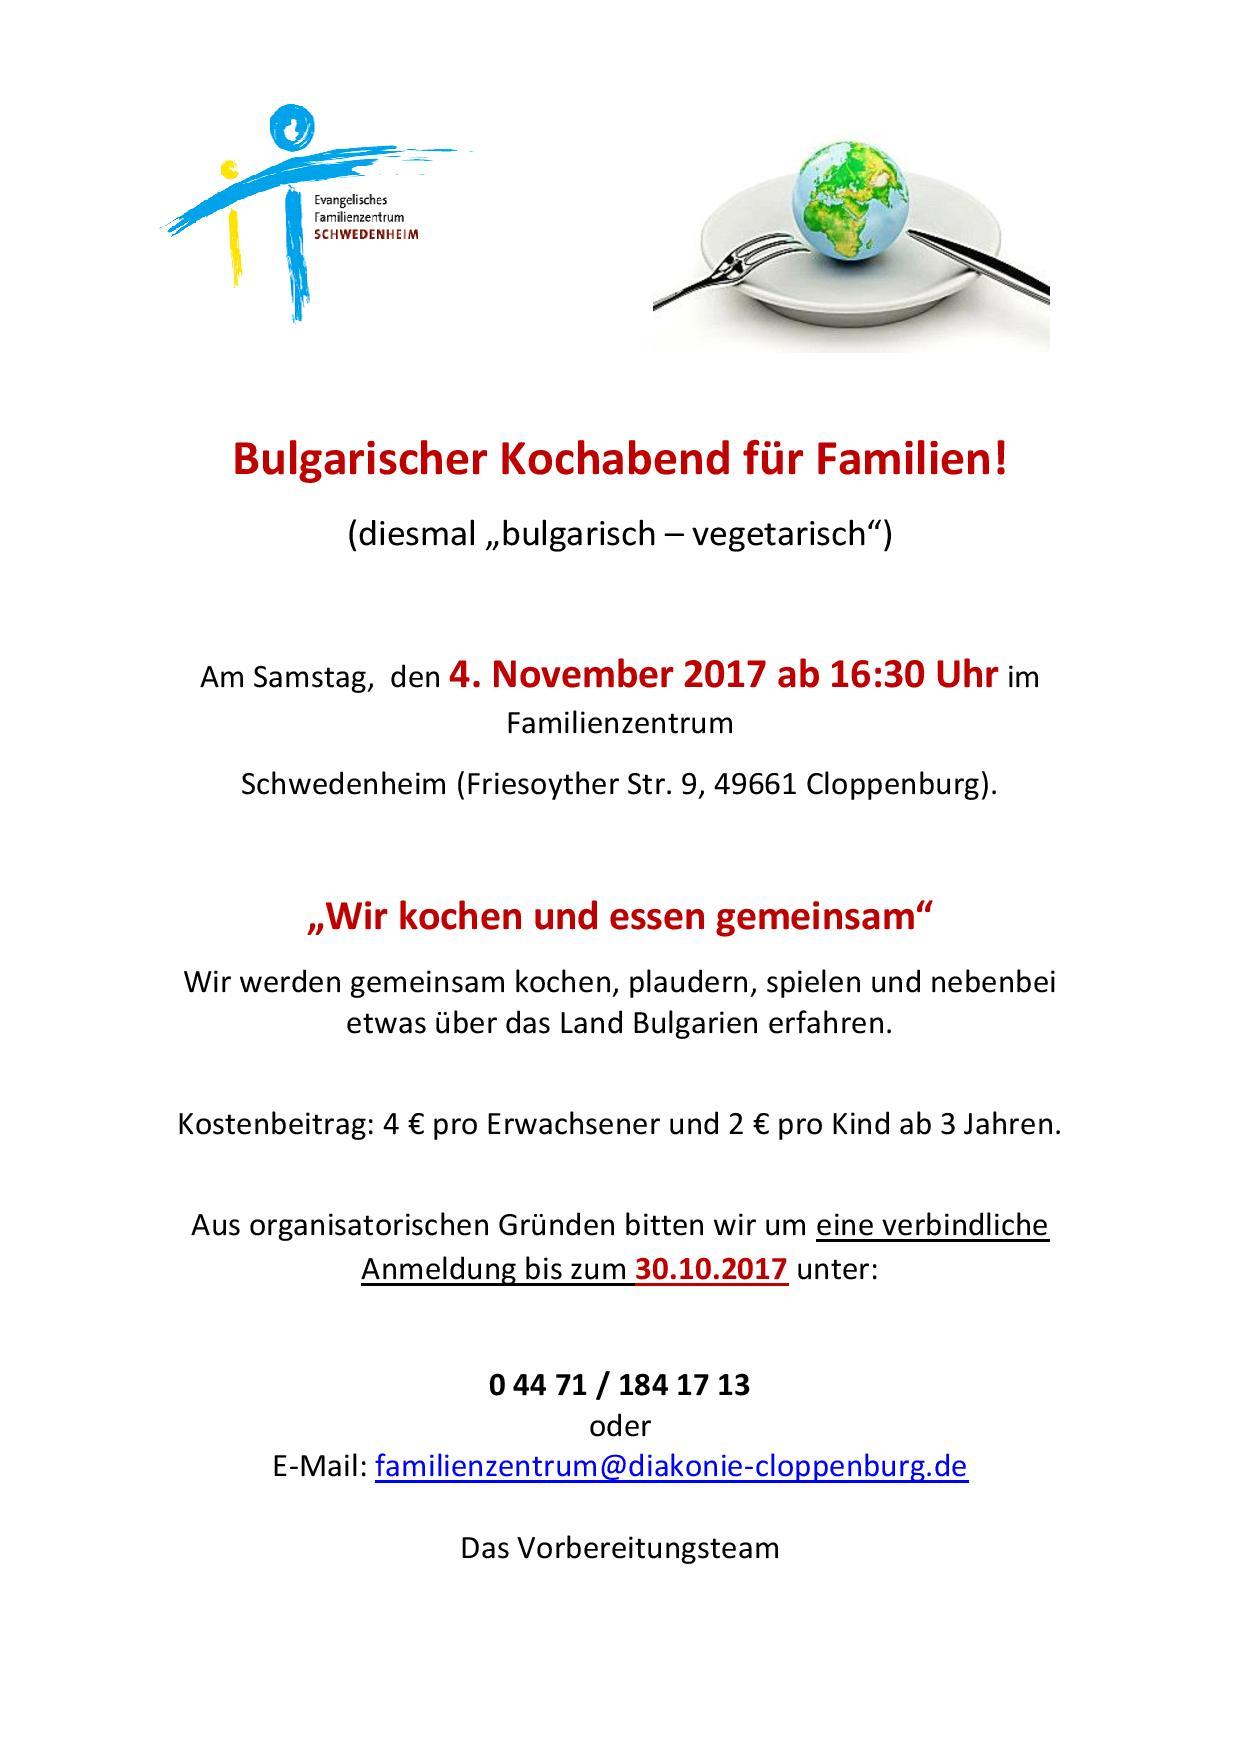 Einladung Bulgarischer Kochabend-page-001